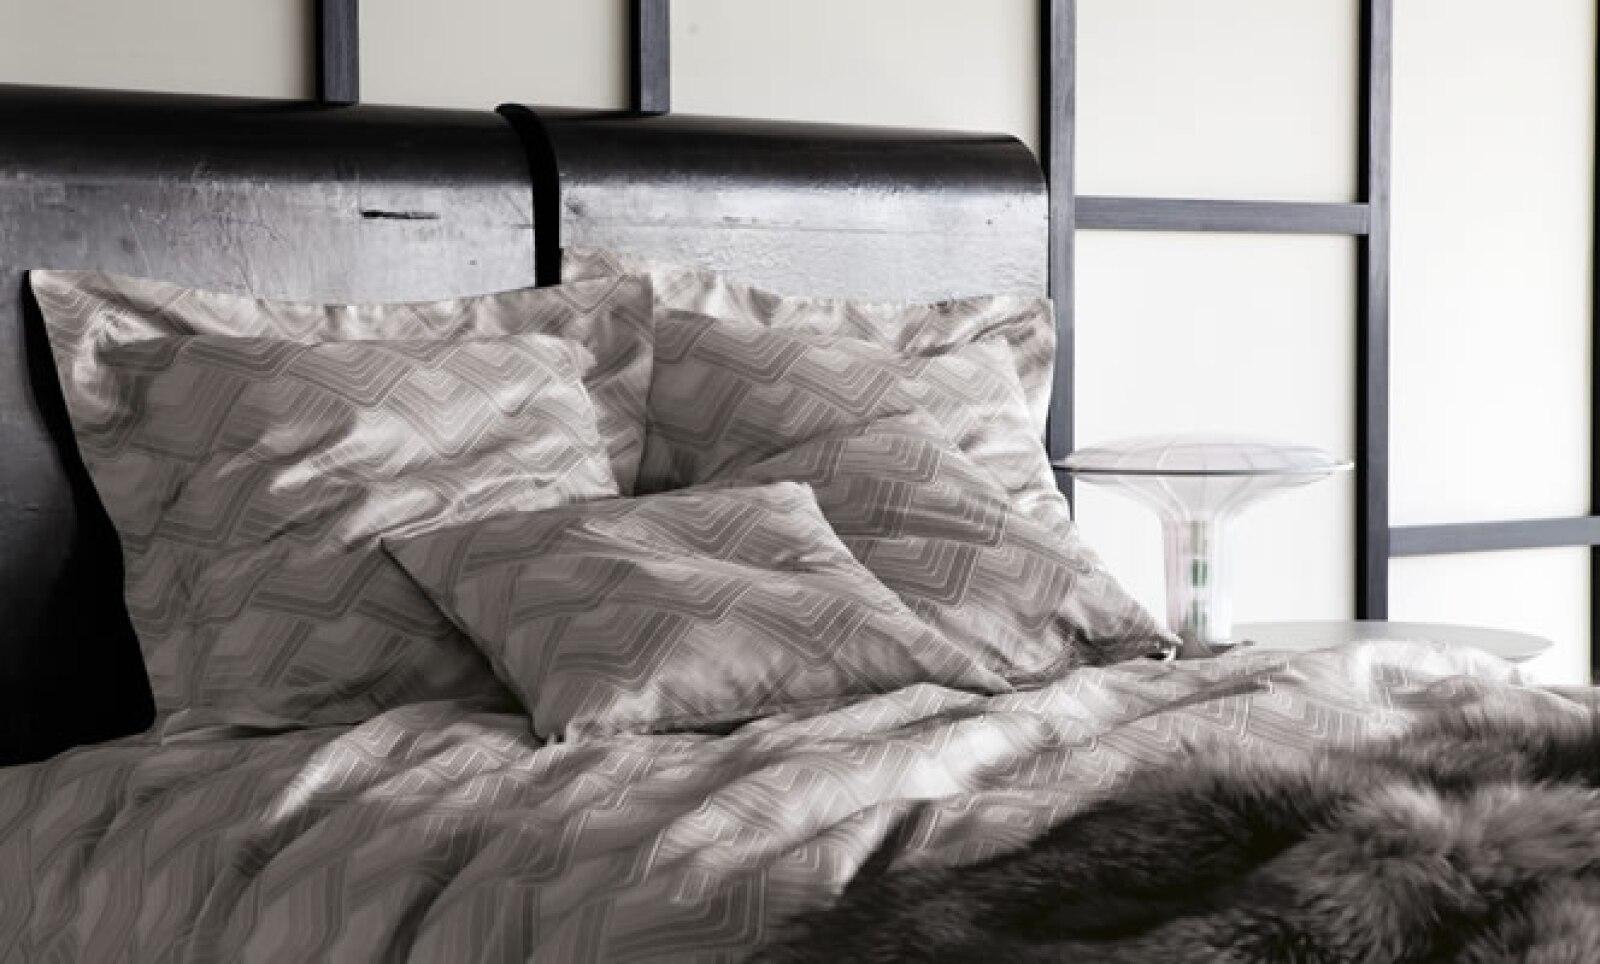 El diseño técnicamente complejo se teje en jacquards en seda-algodón de hilo teñido de la más alta calidad.